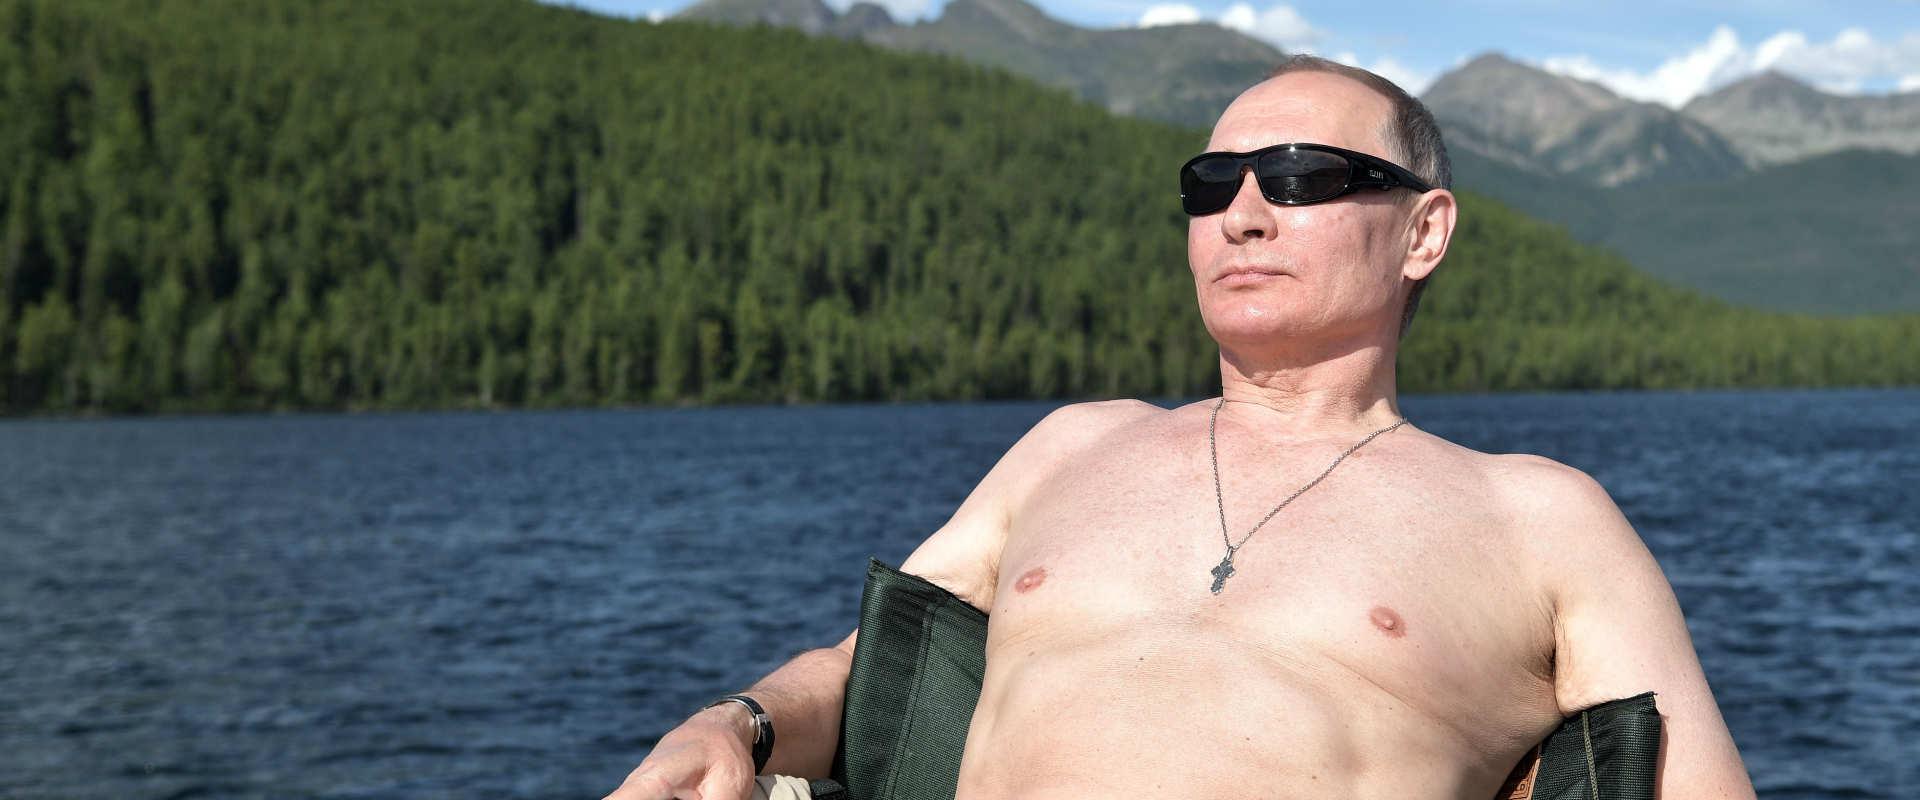 נשיא רוסיה ולדימיר פוטין משתזף בשמש במהלך החופשה